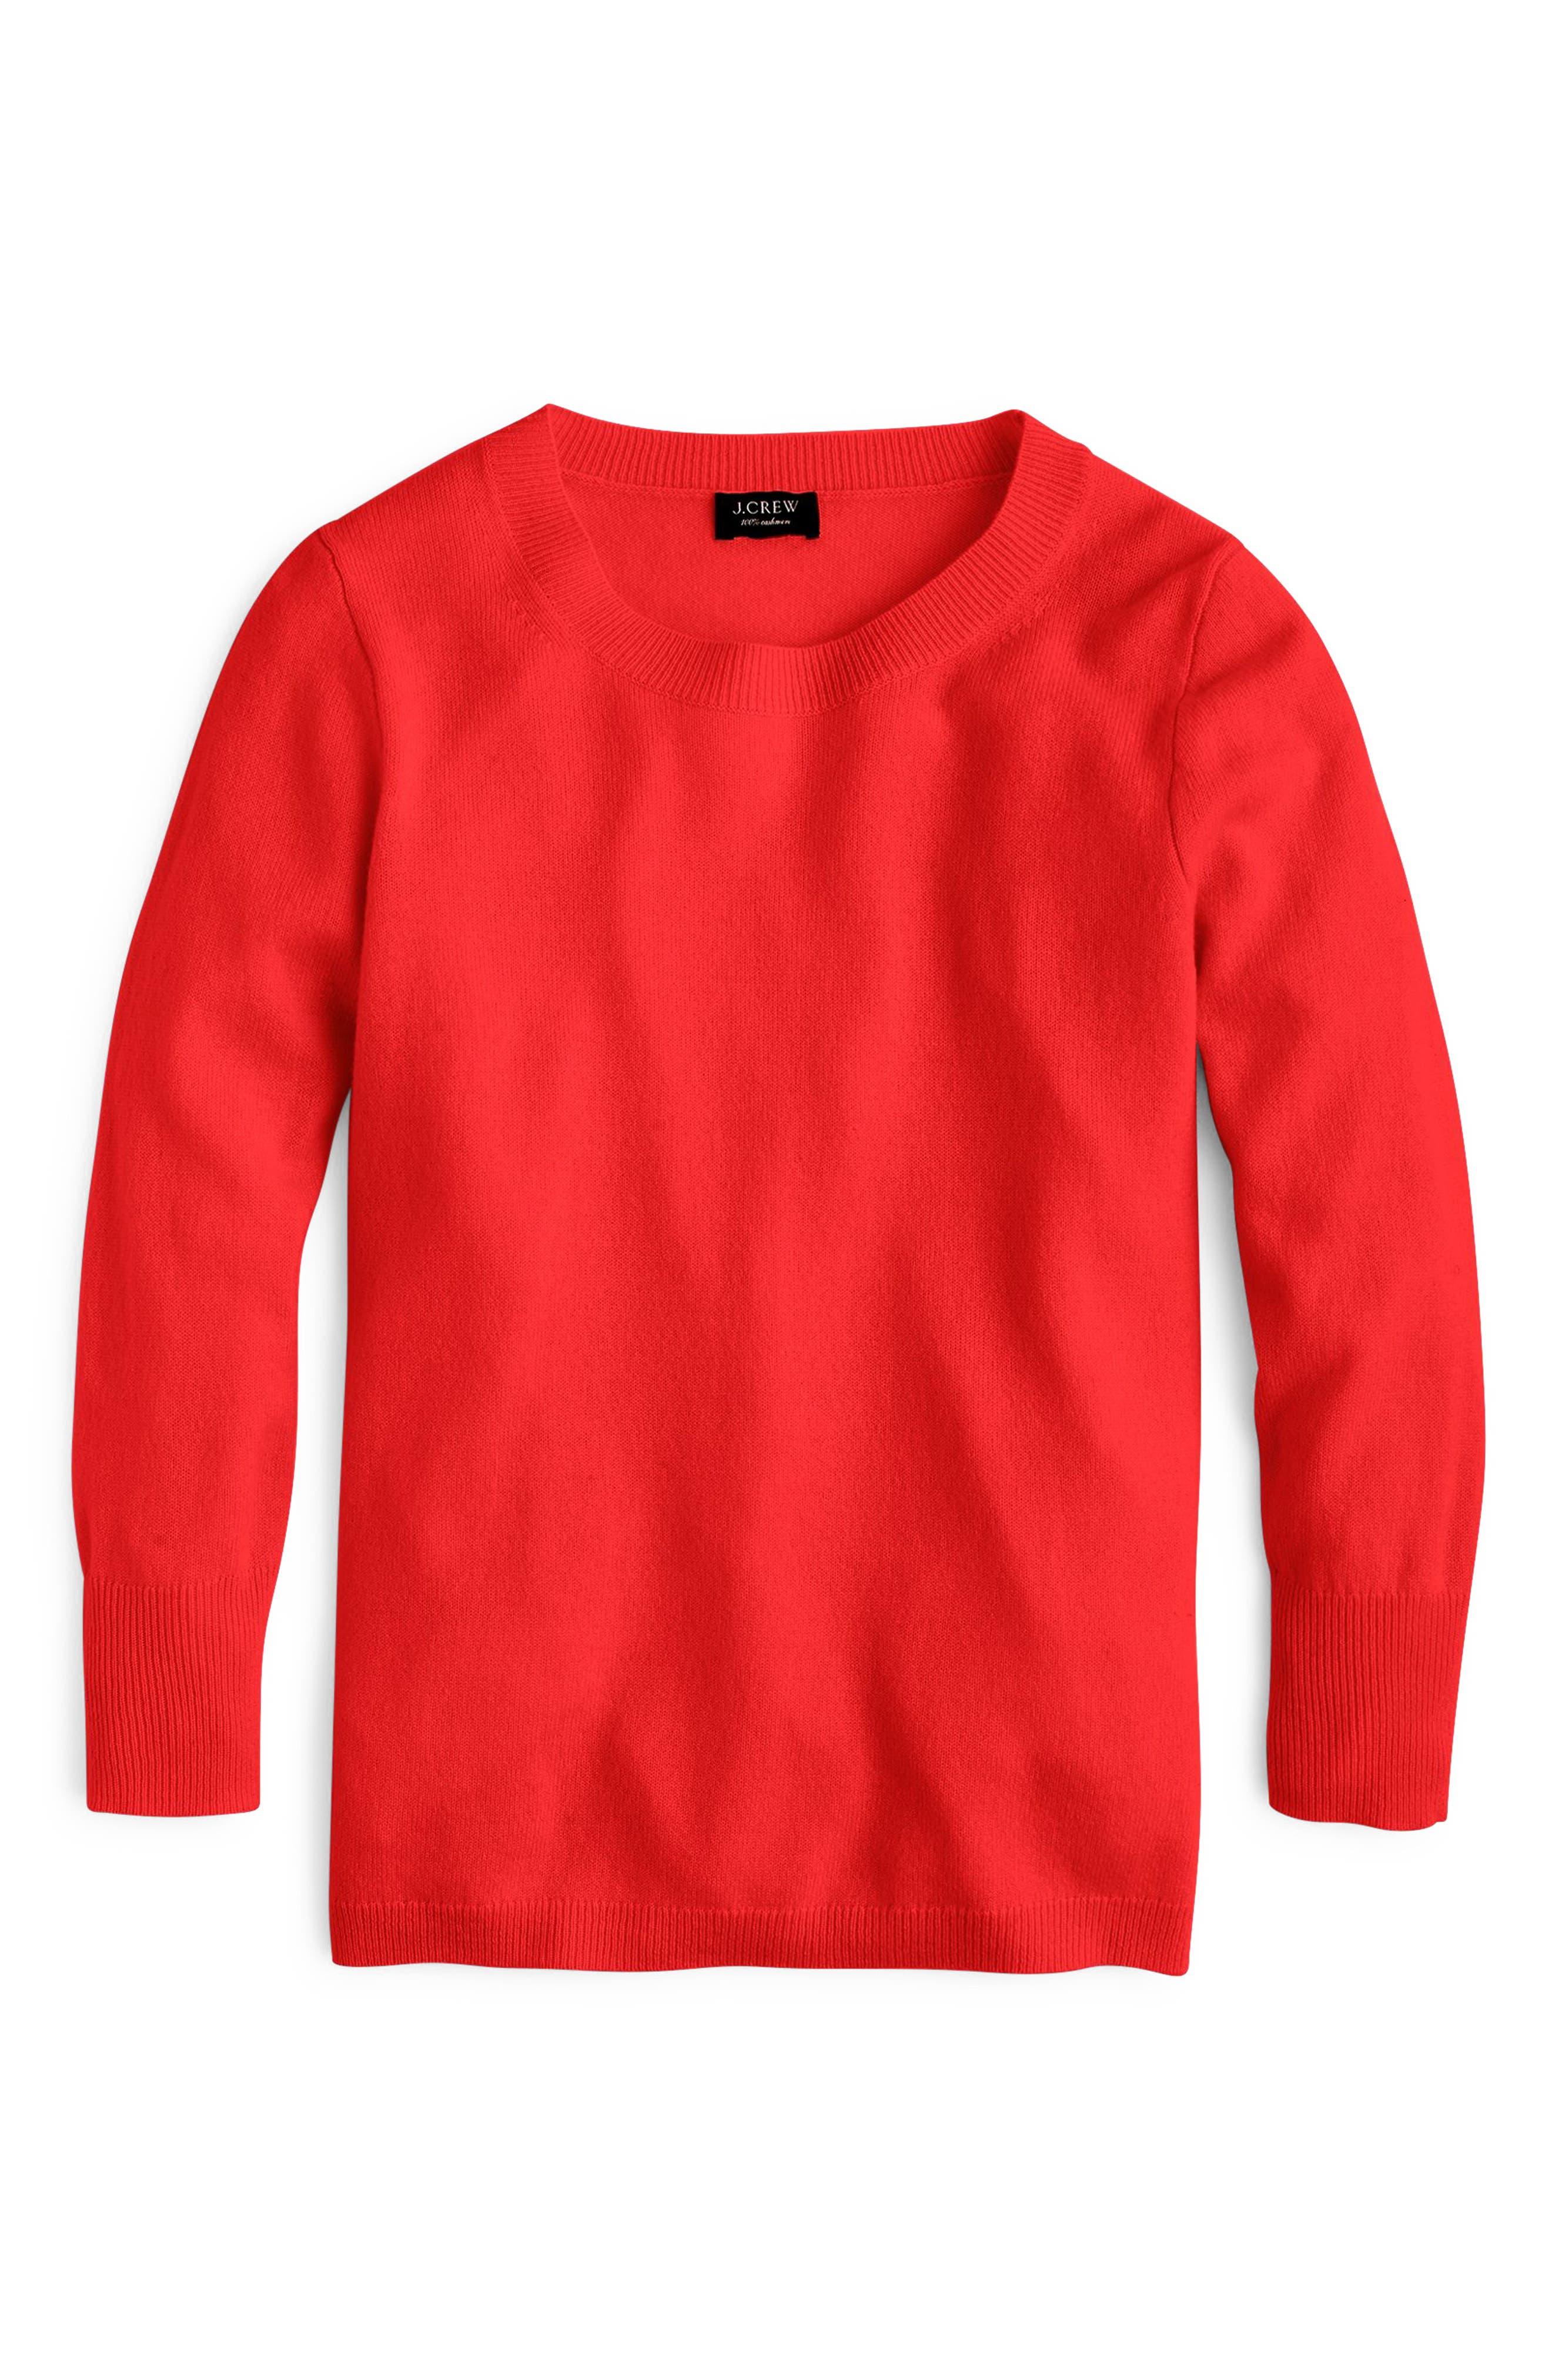 Crewneck Cashmere Sweater, Main, color, BRIGHT CERISE